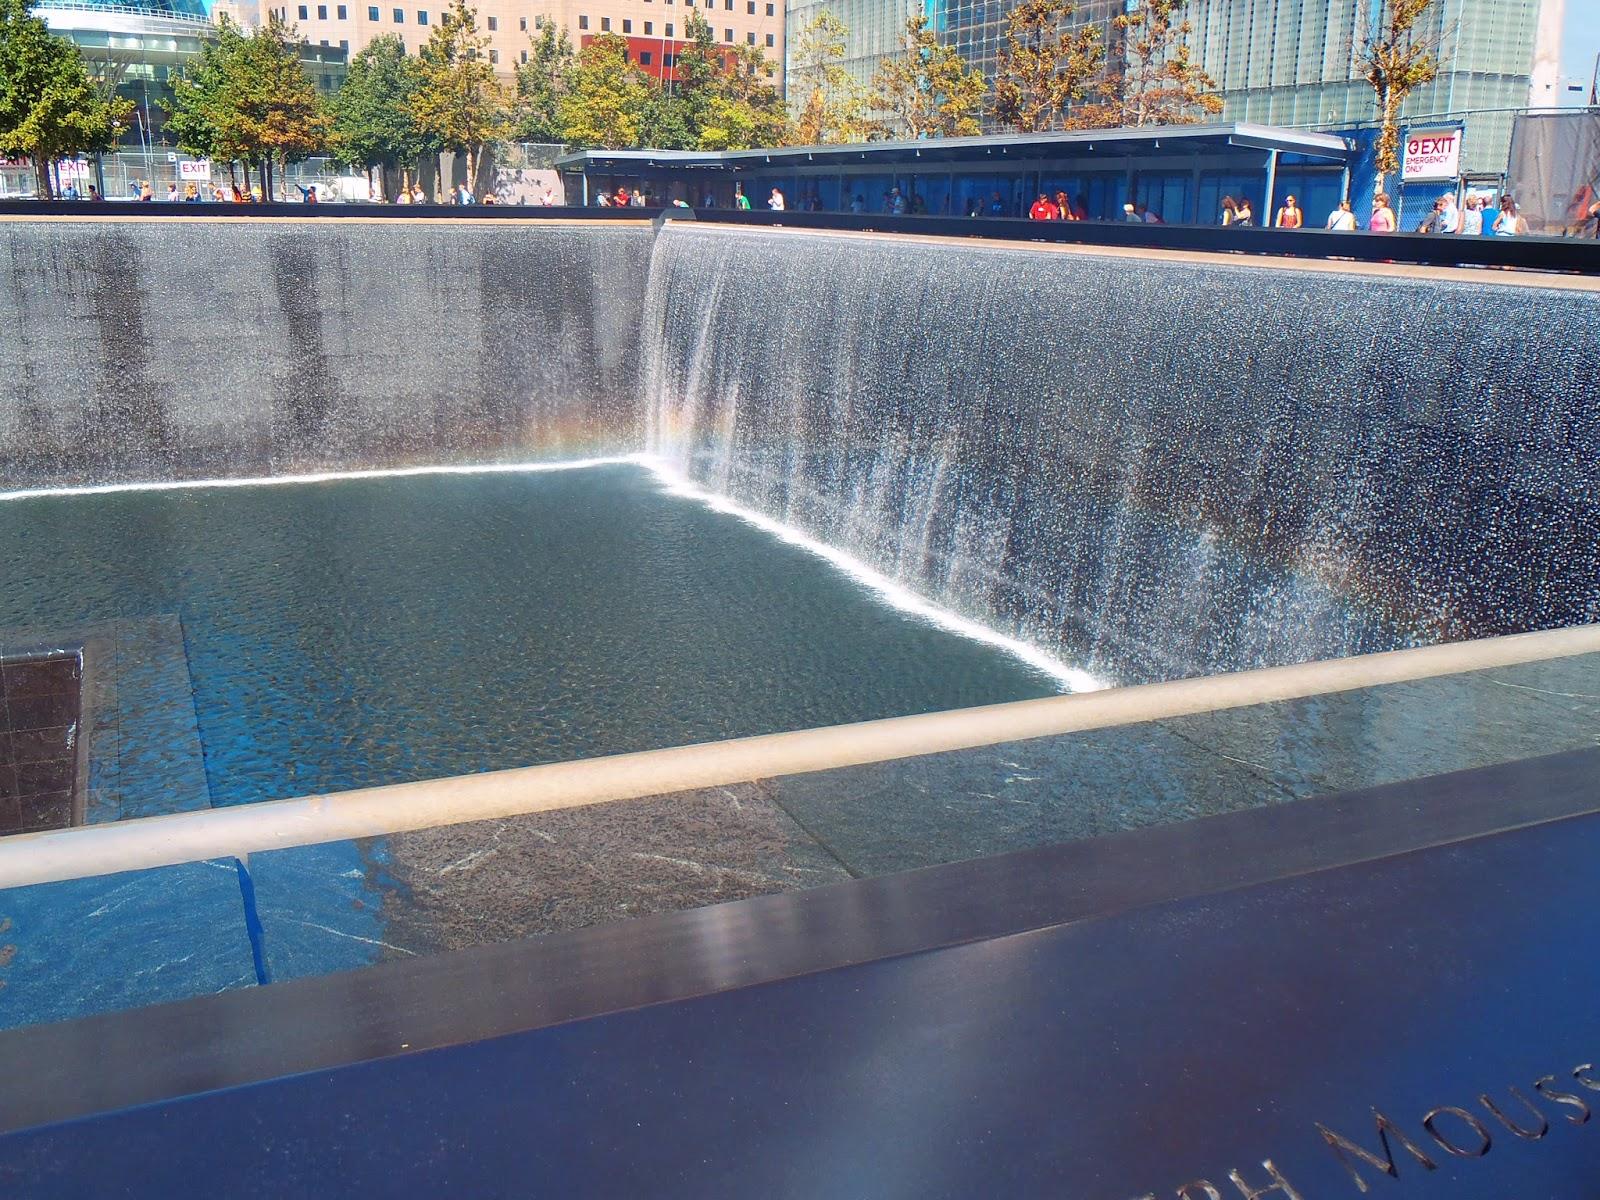 Reflective pools at 9/11 Memorial